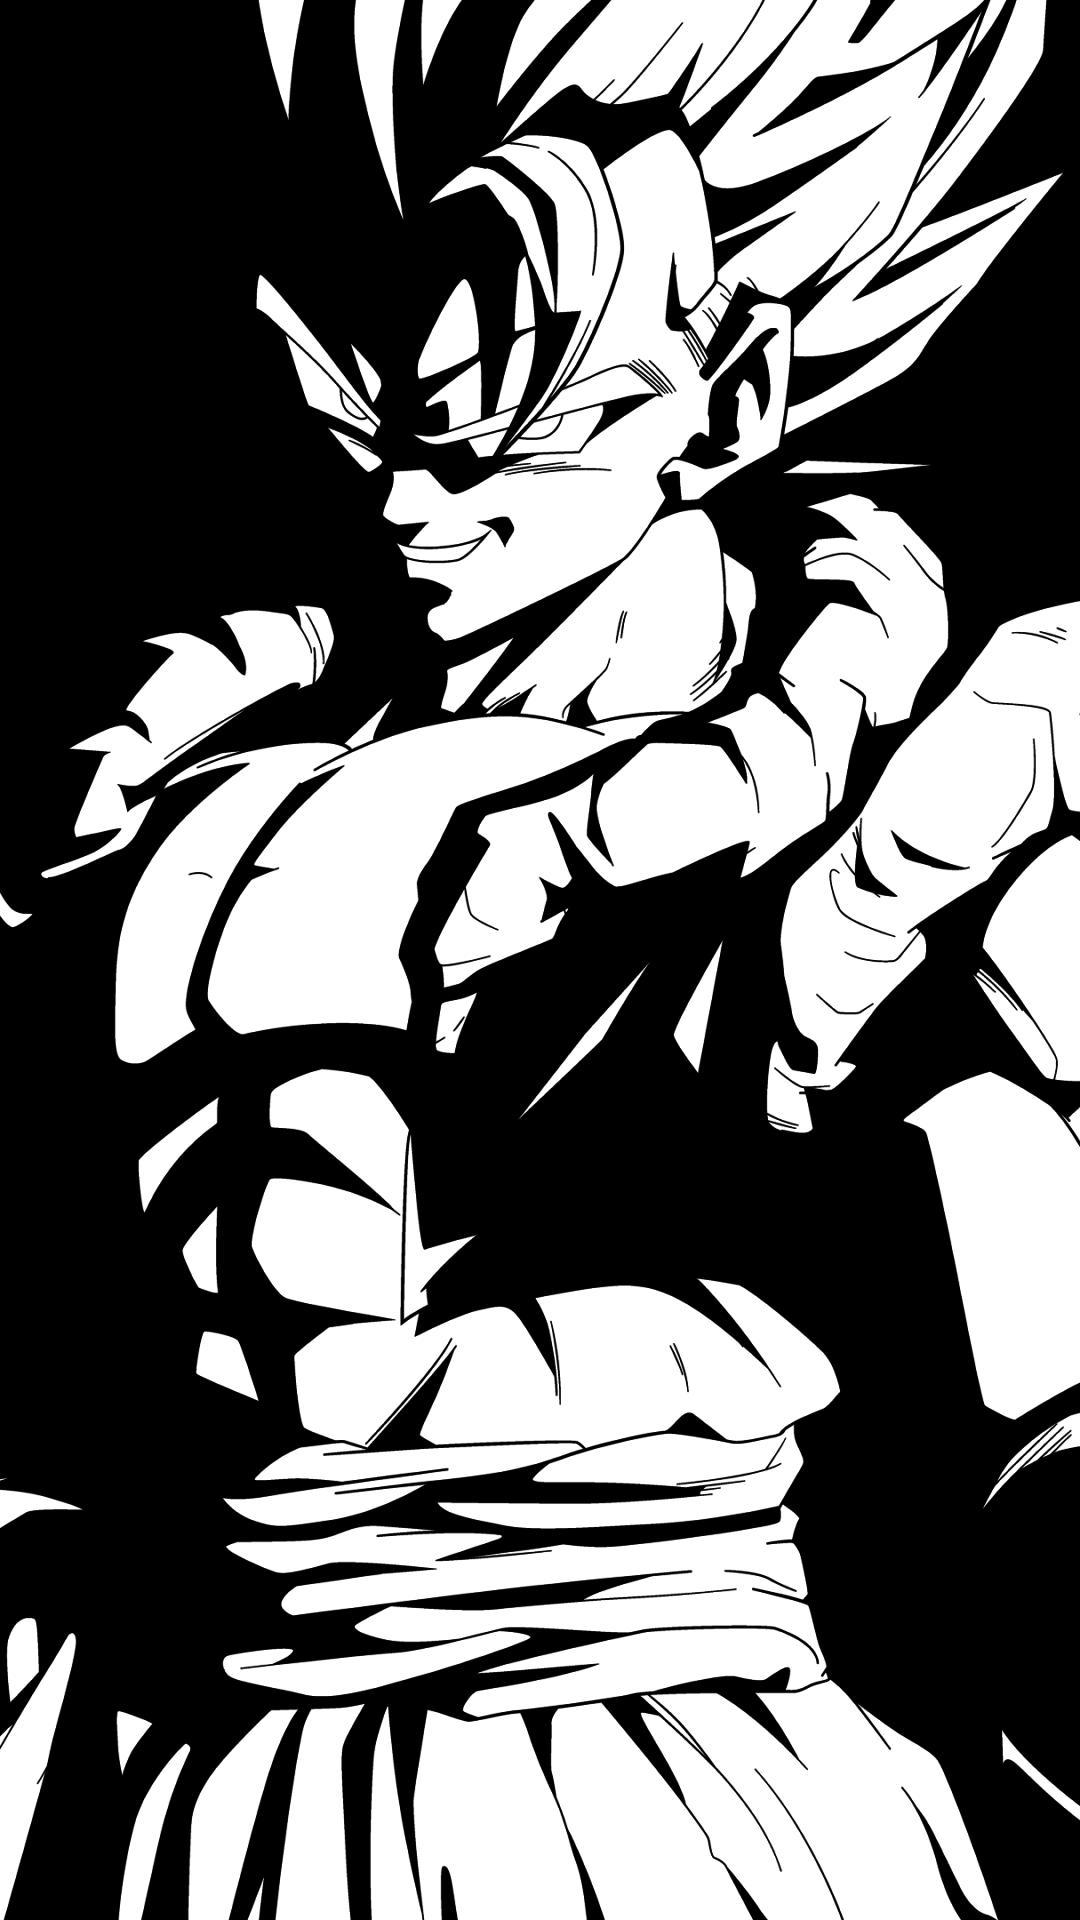 Dragon Ball Z wallpaper black and white11